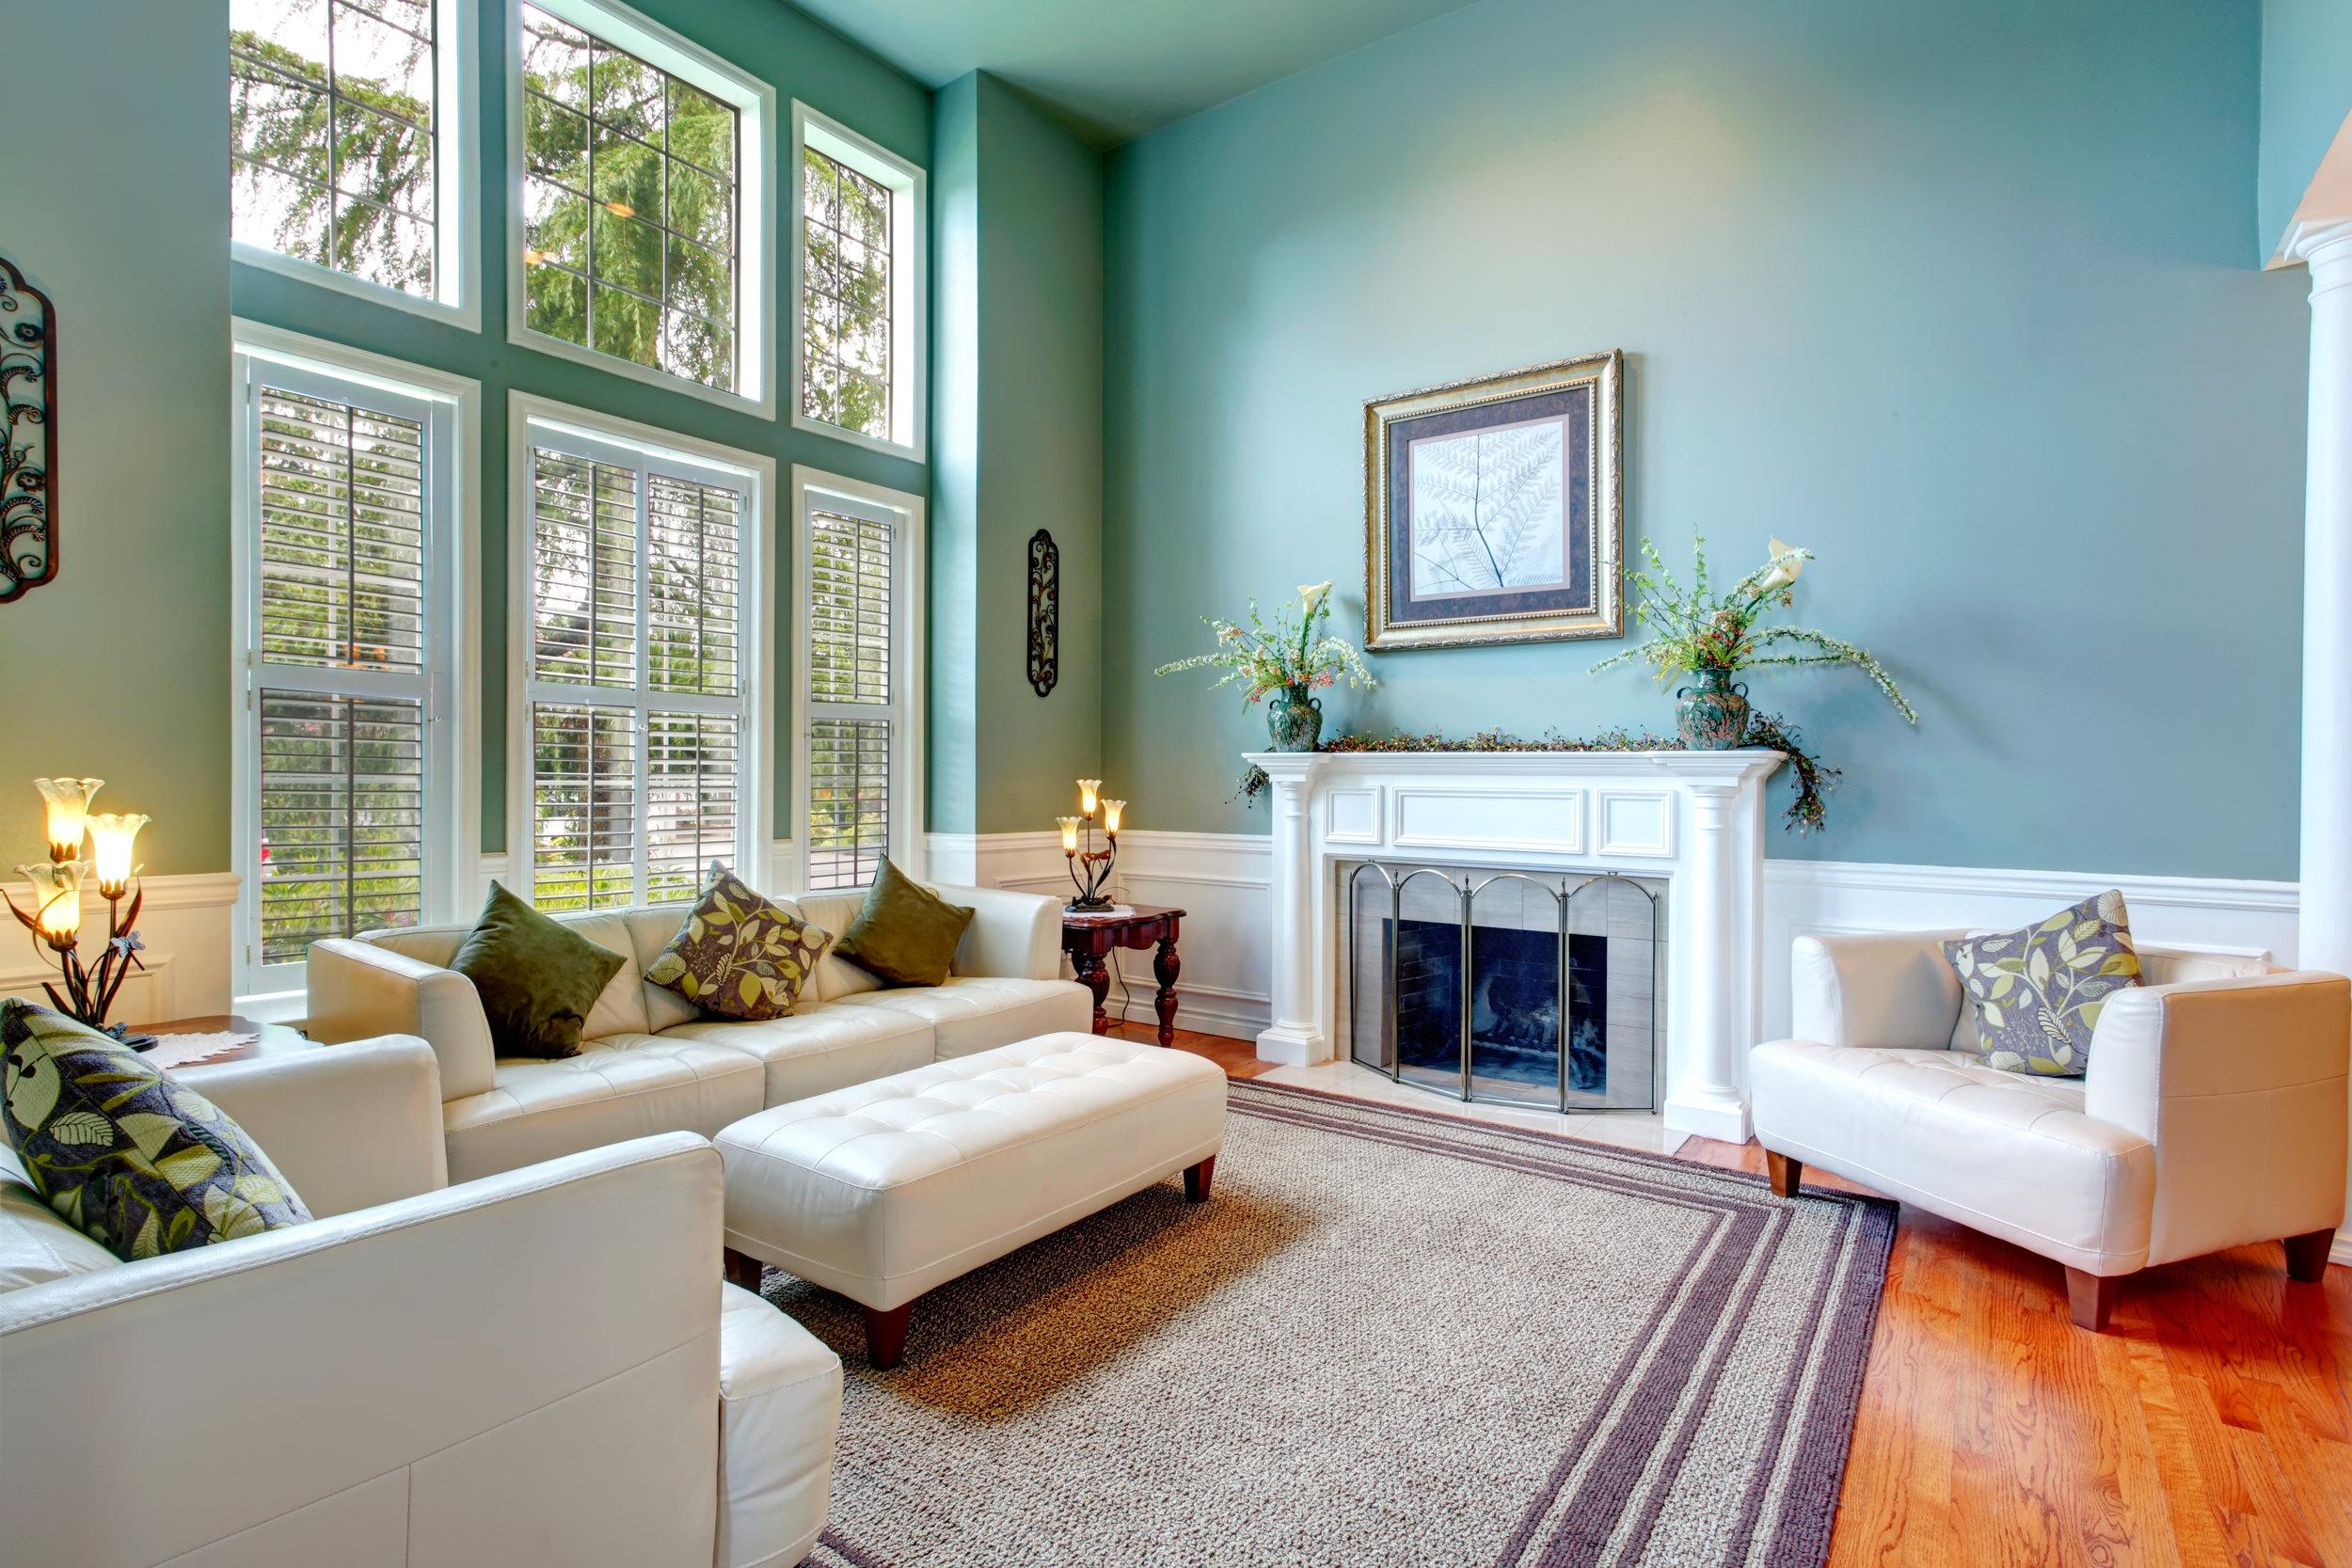 interior design solutions utilizing natural light